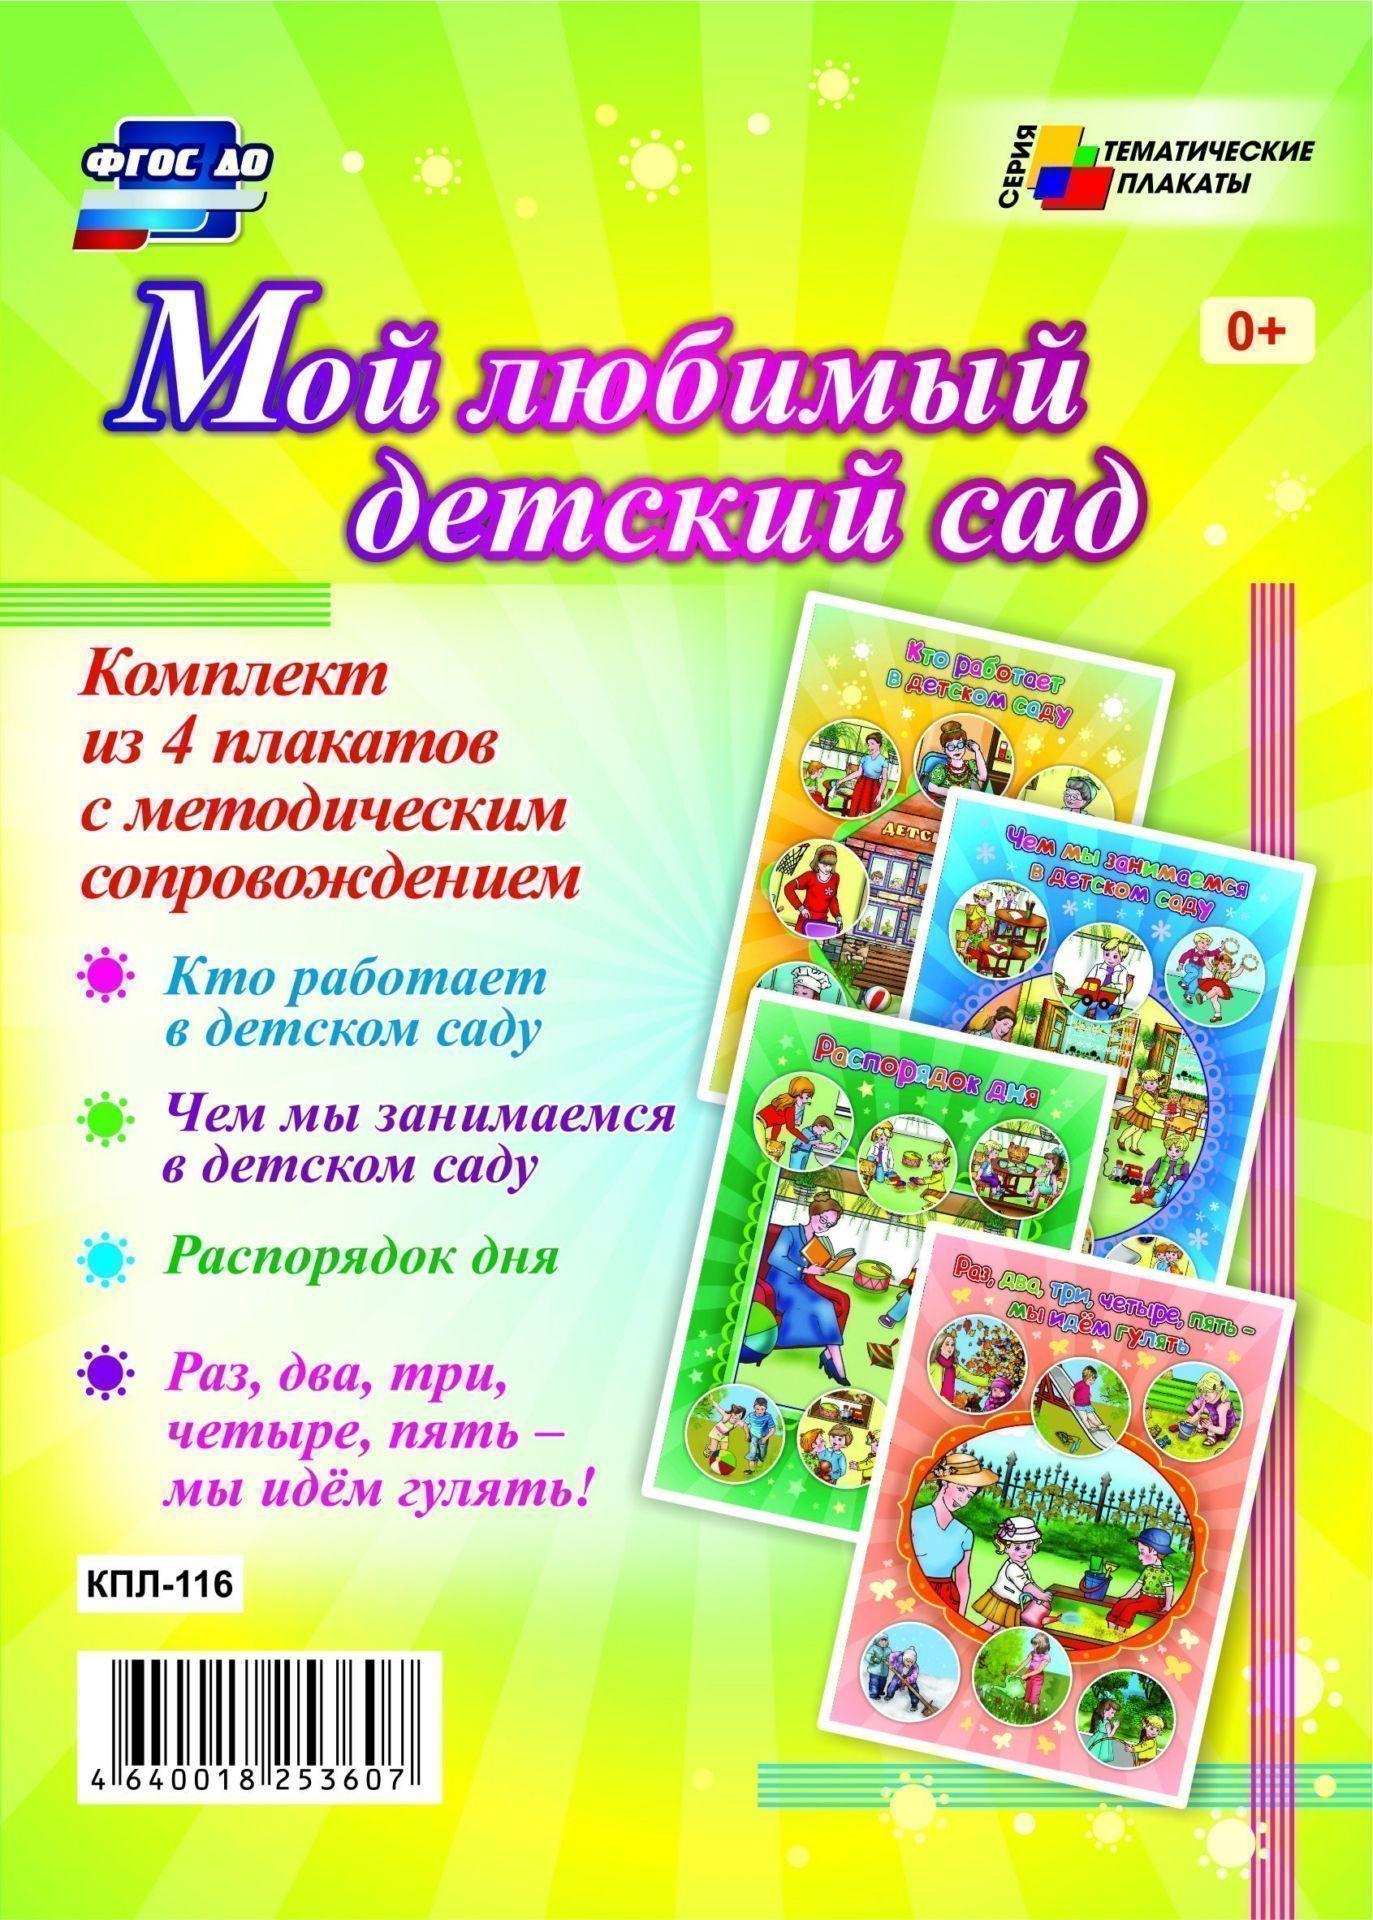 Комплект плакатов Мой любимый детский сад: 4 плаката с методическим сопровождениемИнформационно-деловое оснащение ДОО<br>.<br><br>Год: 2017<br>Серия: Тематические плакаты<br>Высота: 297<br>Ширина: 420<br>Толщина: 3